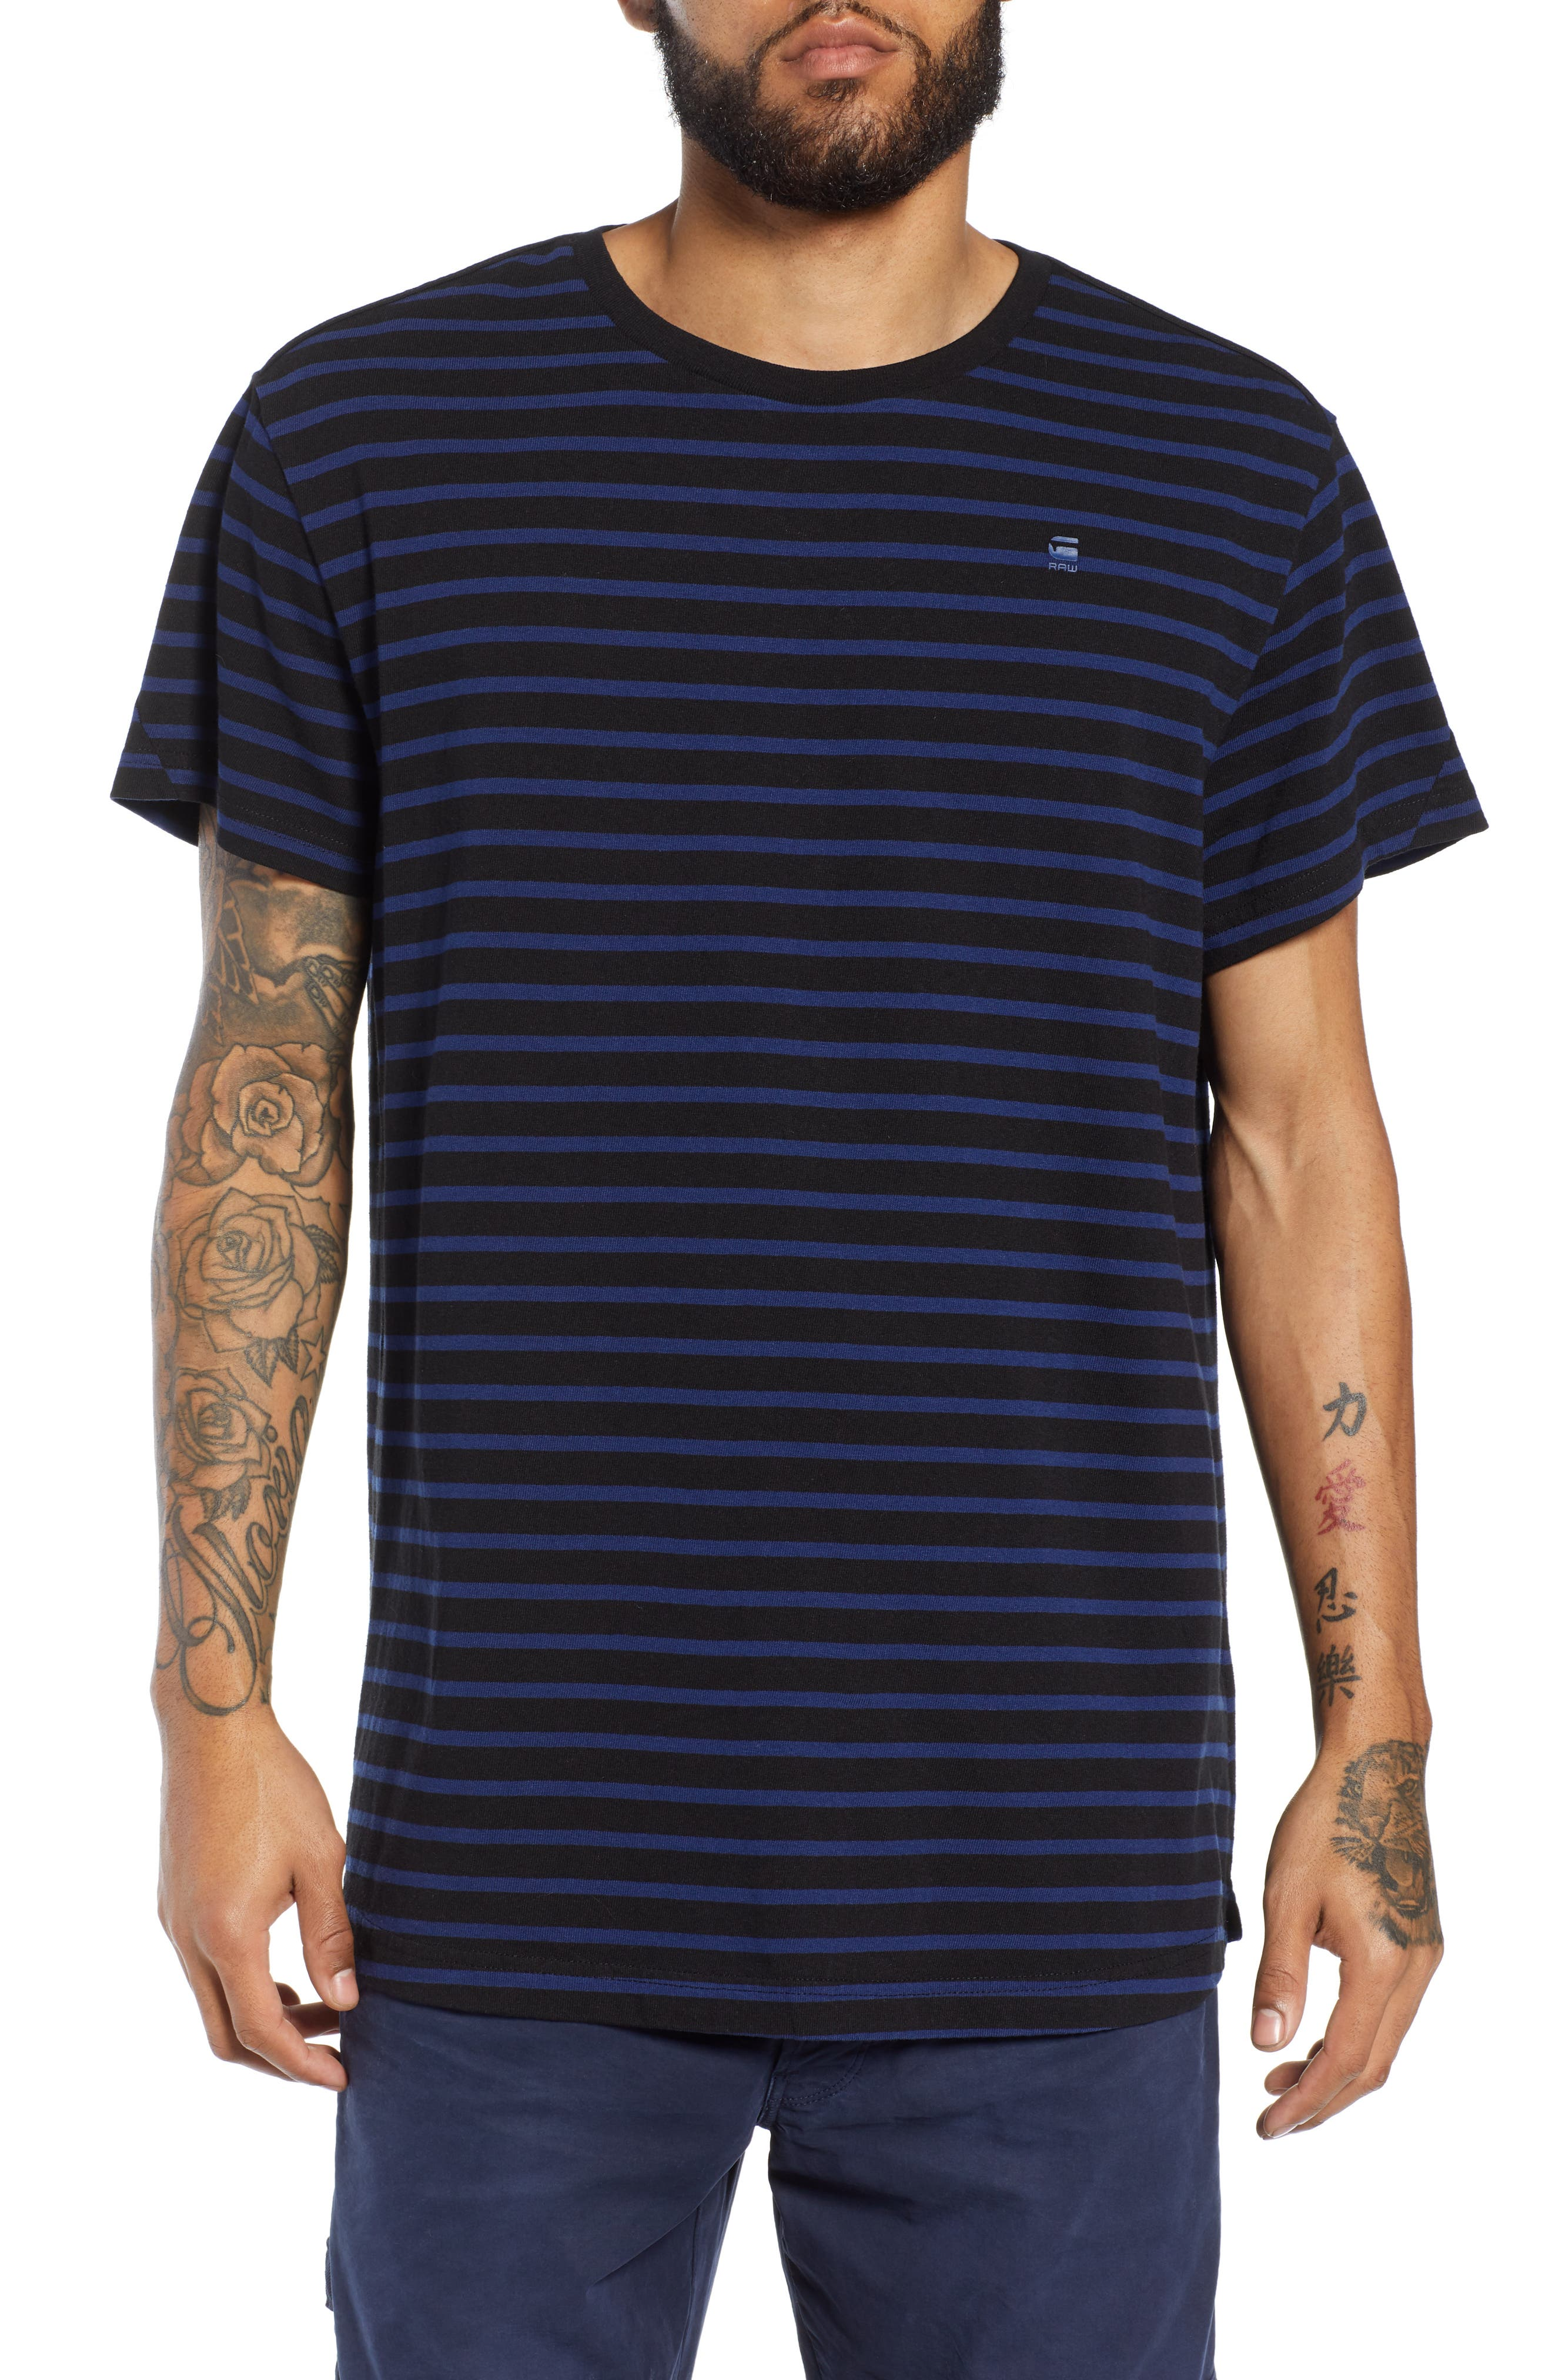 Starkon Stripe T-Shirt,                             Main thumbnail 1, color,                             DARK BLACK/ IMPERIAL BLUE